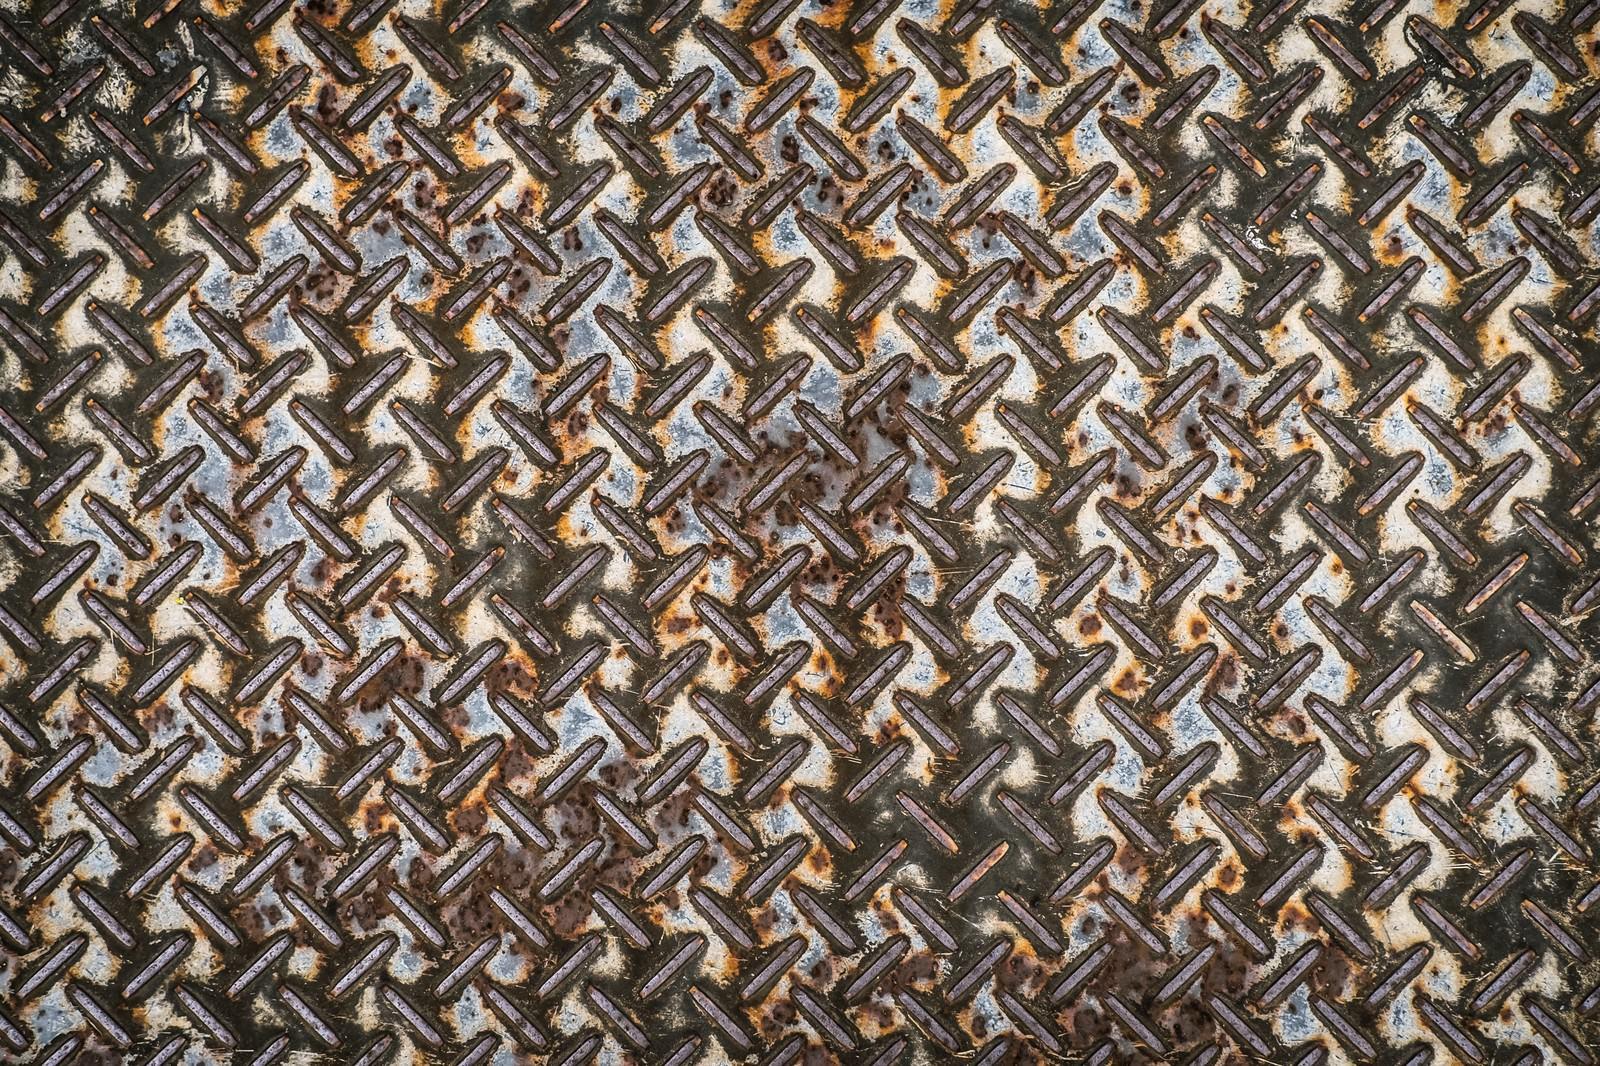 「作業現場の錆びた金属の足場(テクスチャー)作業現場の錆びた金属の足場(テクスチャー)」のフリー写真素材を拡大